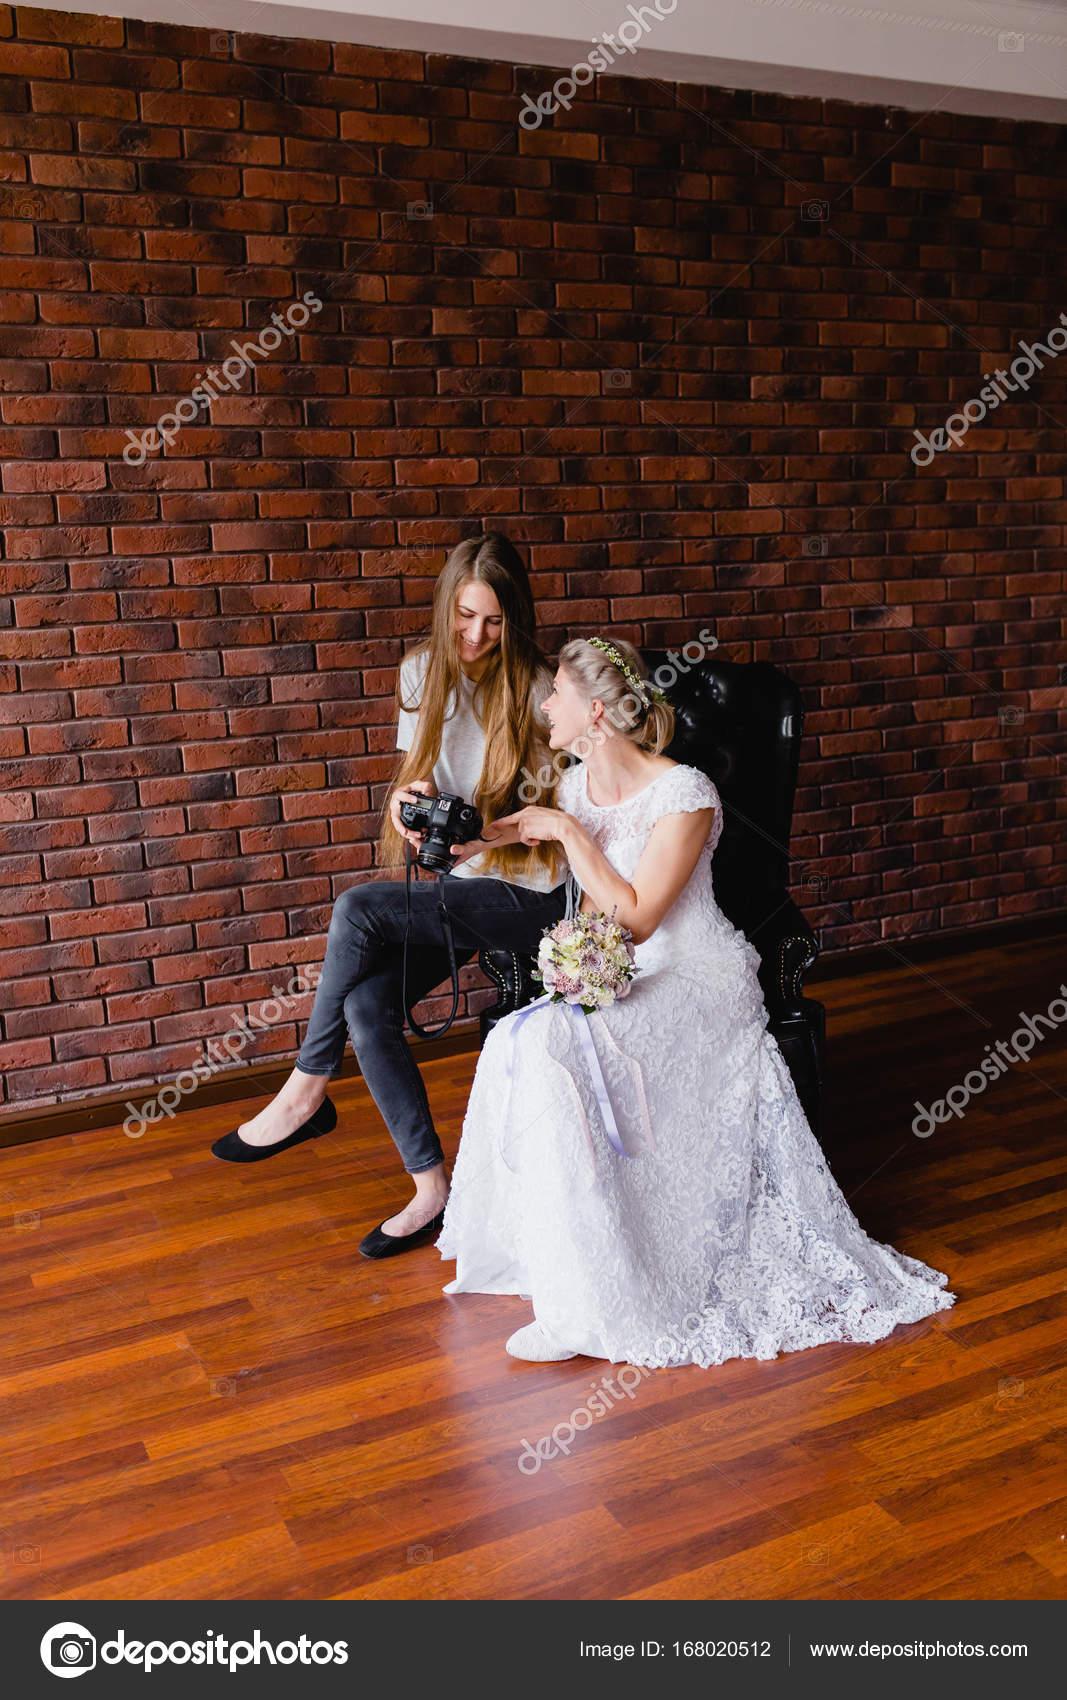 Grote Lederen Fauteuil.Fotograaf Toont Dat De Bruid Had Alleen Foto S Genomen Op Een Grote